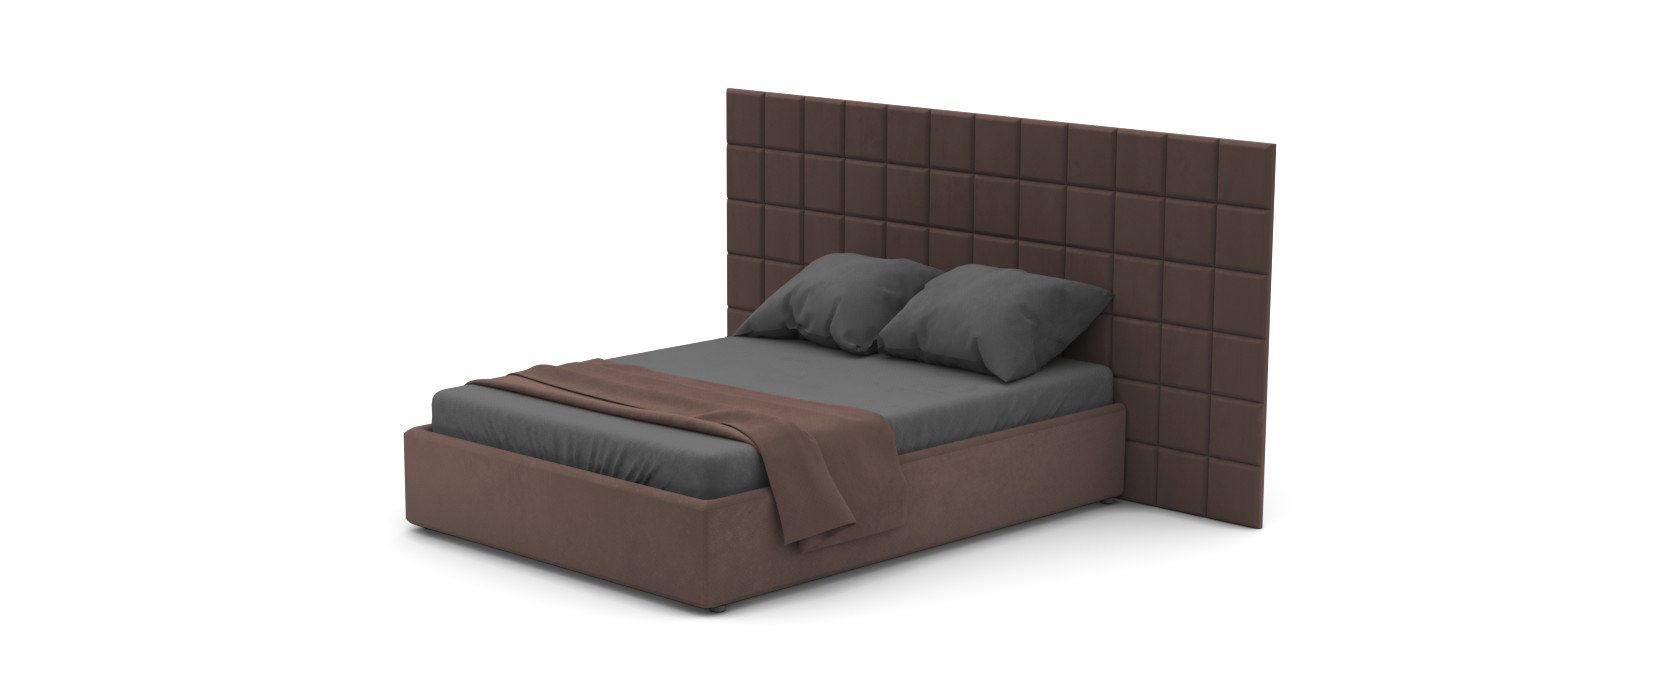 Кровать Piazza Plus со стеновыми панелями